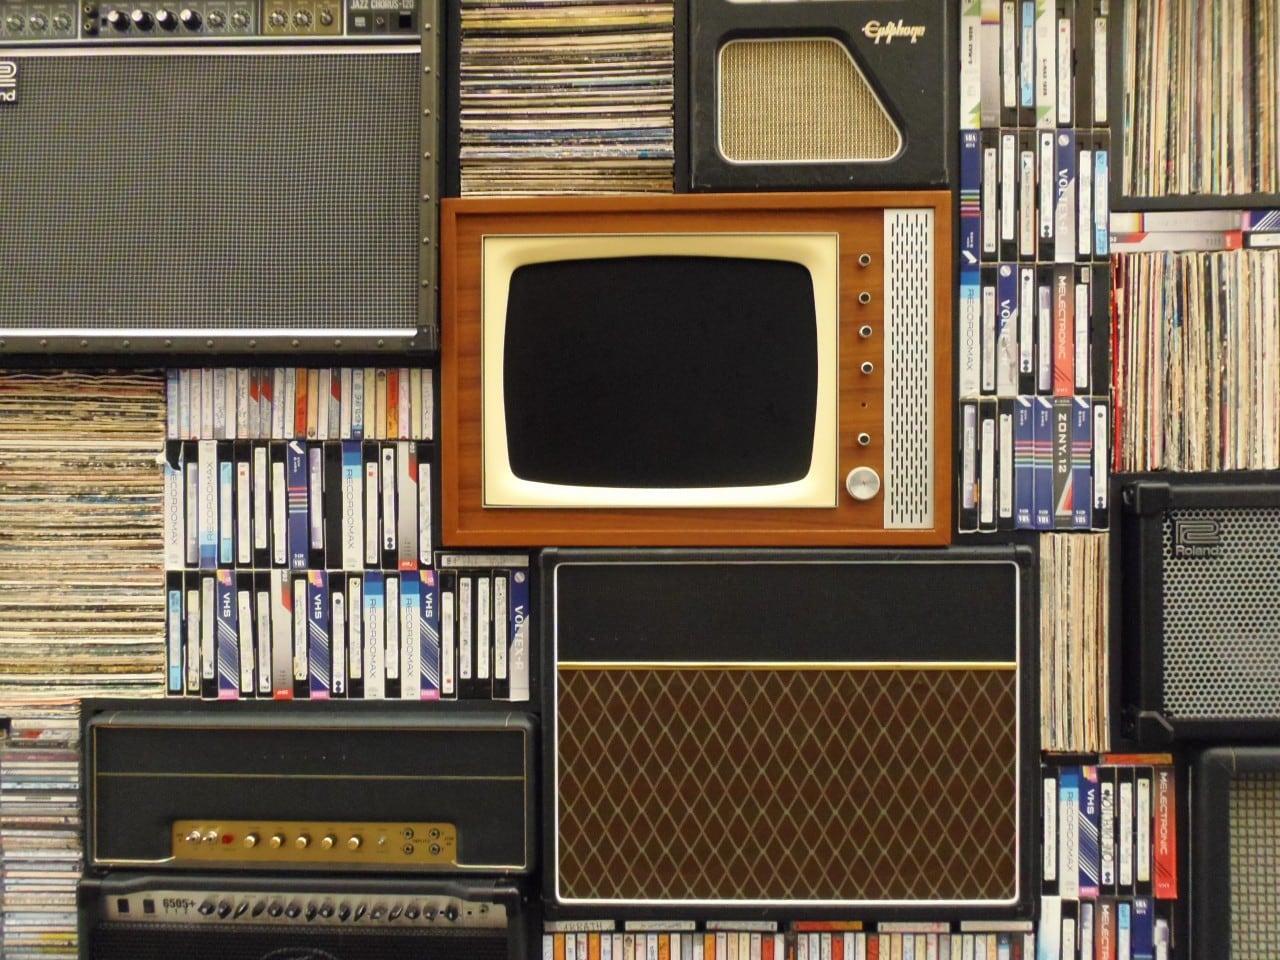 Serie TV consigliate settembre